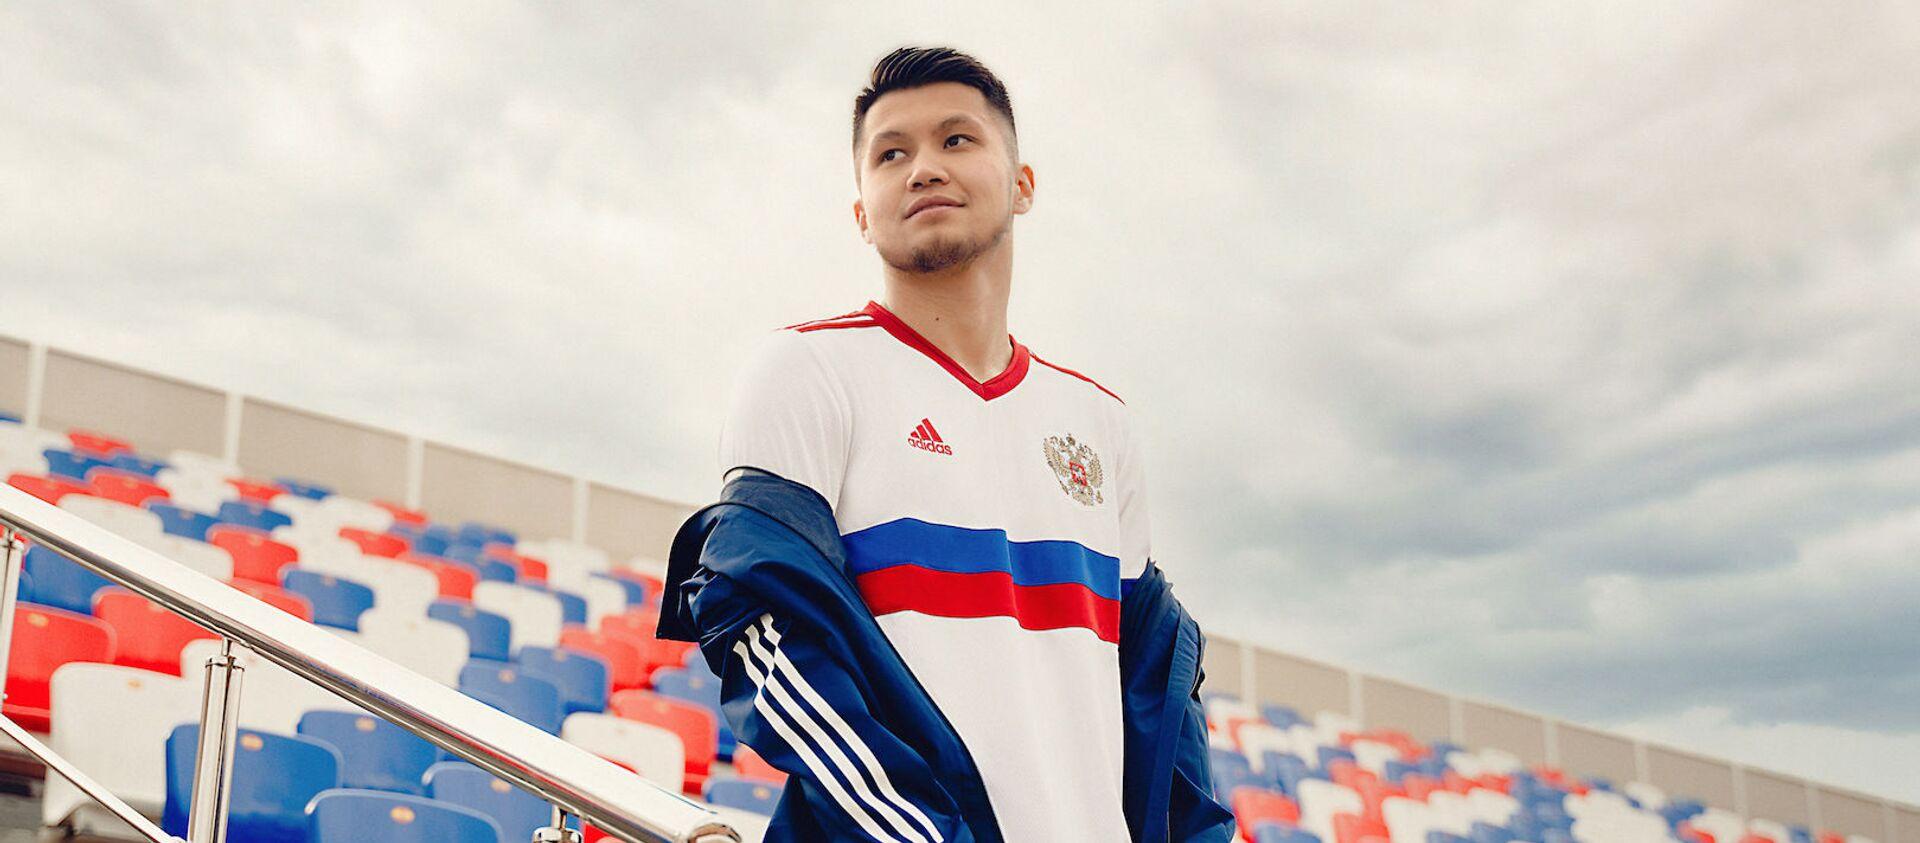 Tiền vệ Ilzat Akhmetov của đội tuyển bóng đá quốc gia Nga trong trang phục thi đấu sân khách cho giải Euro 2020. - Sputnik Việt Nam, 1920, 03.06.2021